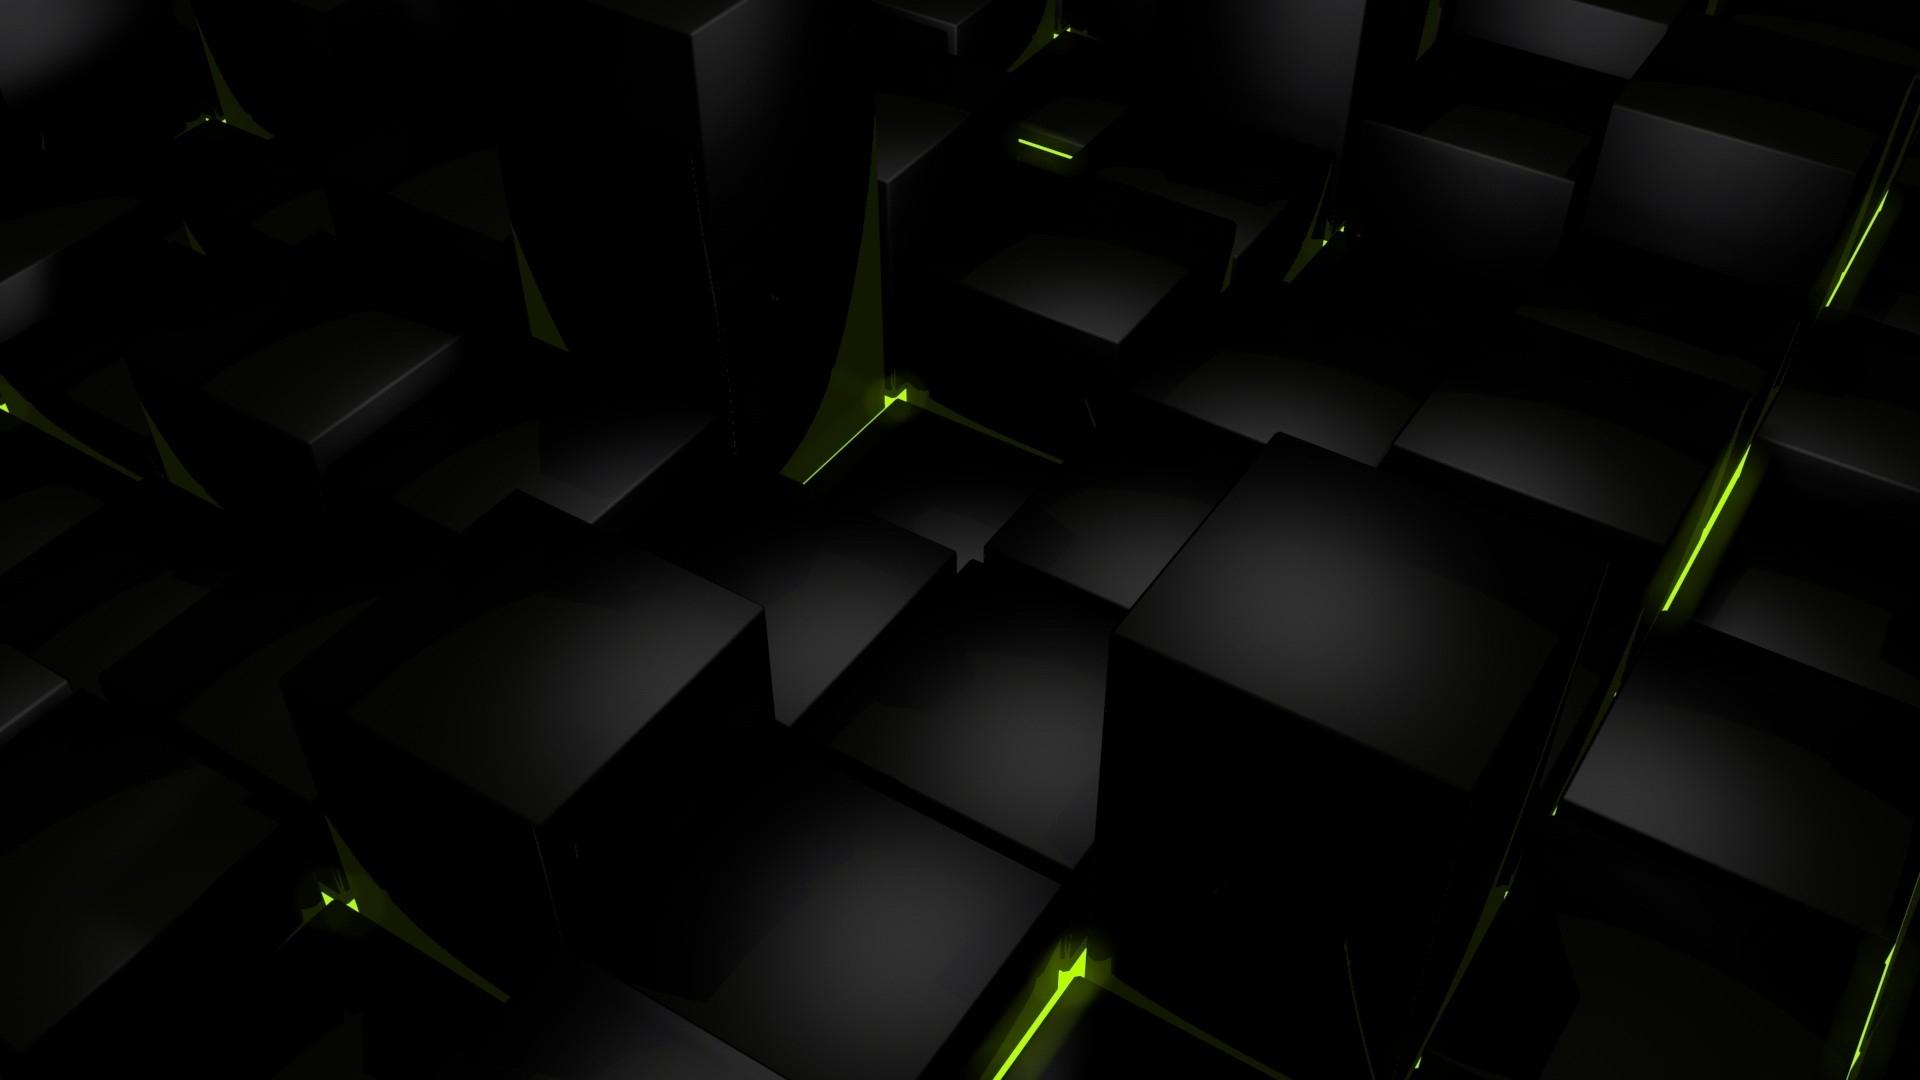 desktop images: glow in the dark wallpapers, glow in the dark